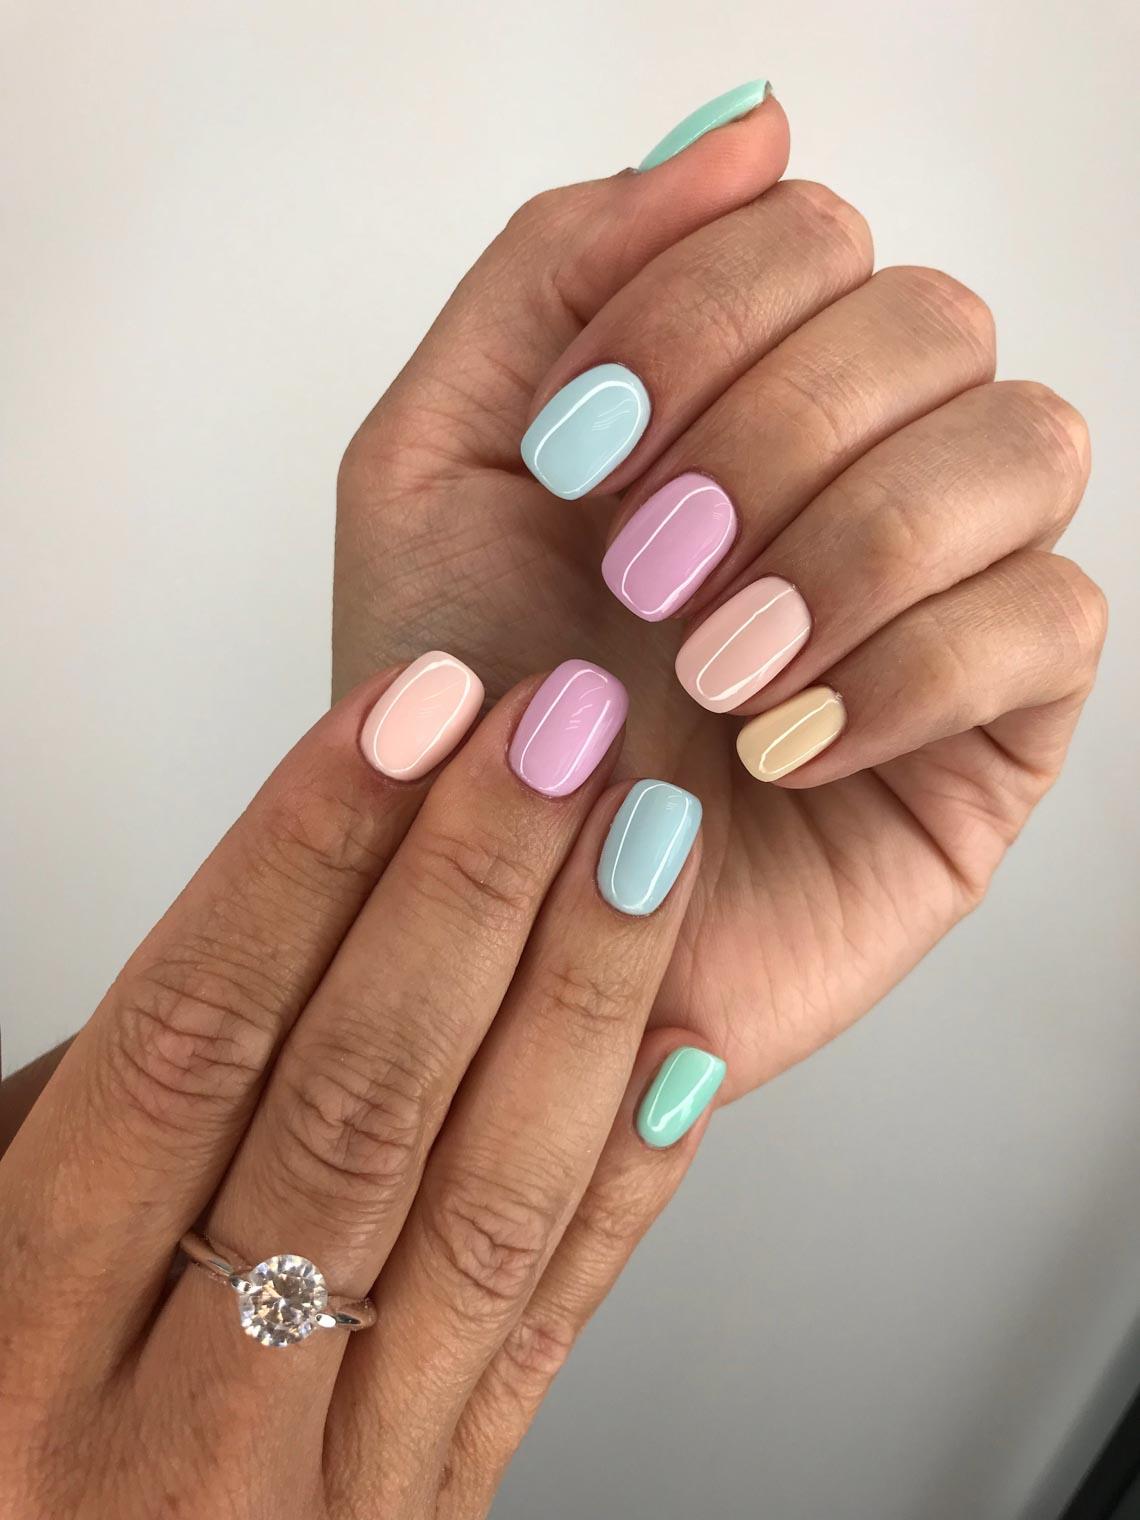 Các mẫu nails đang được yêu thích hiện nay - 5